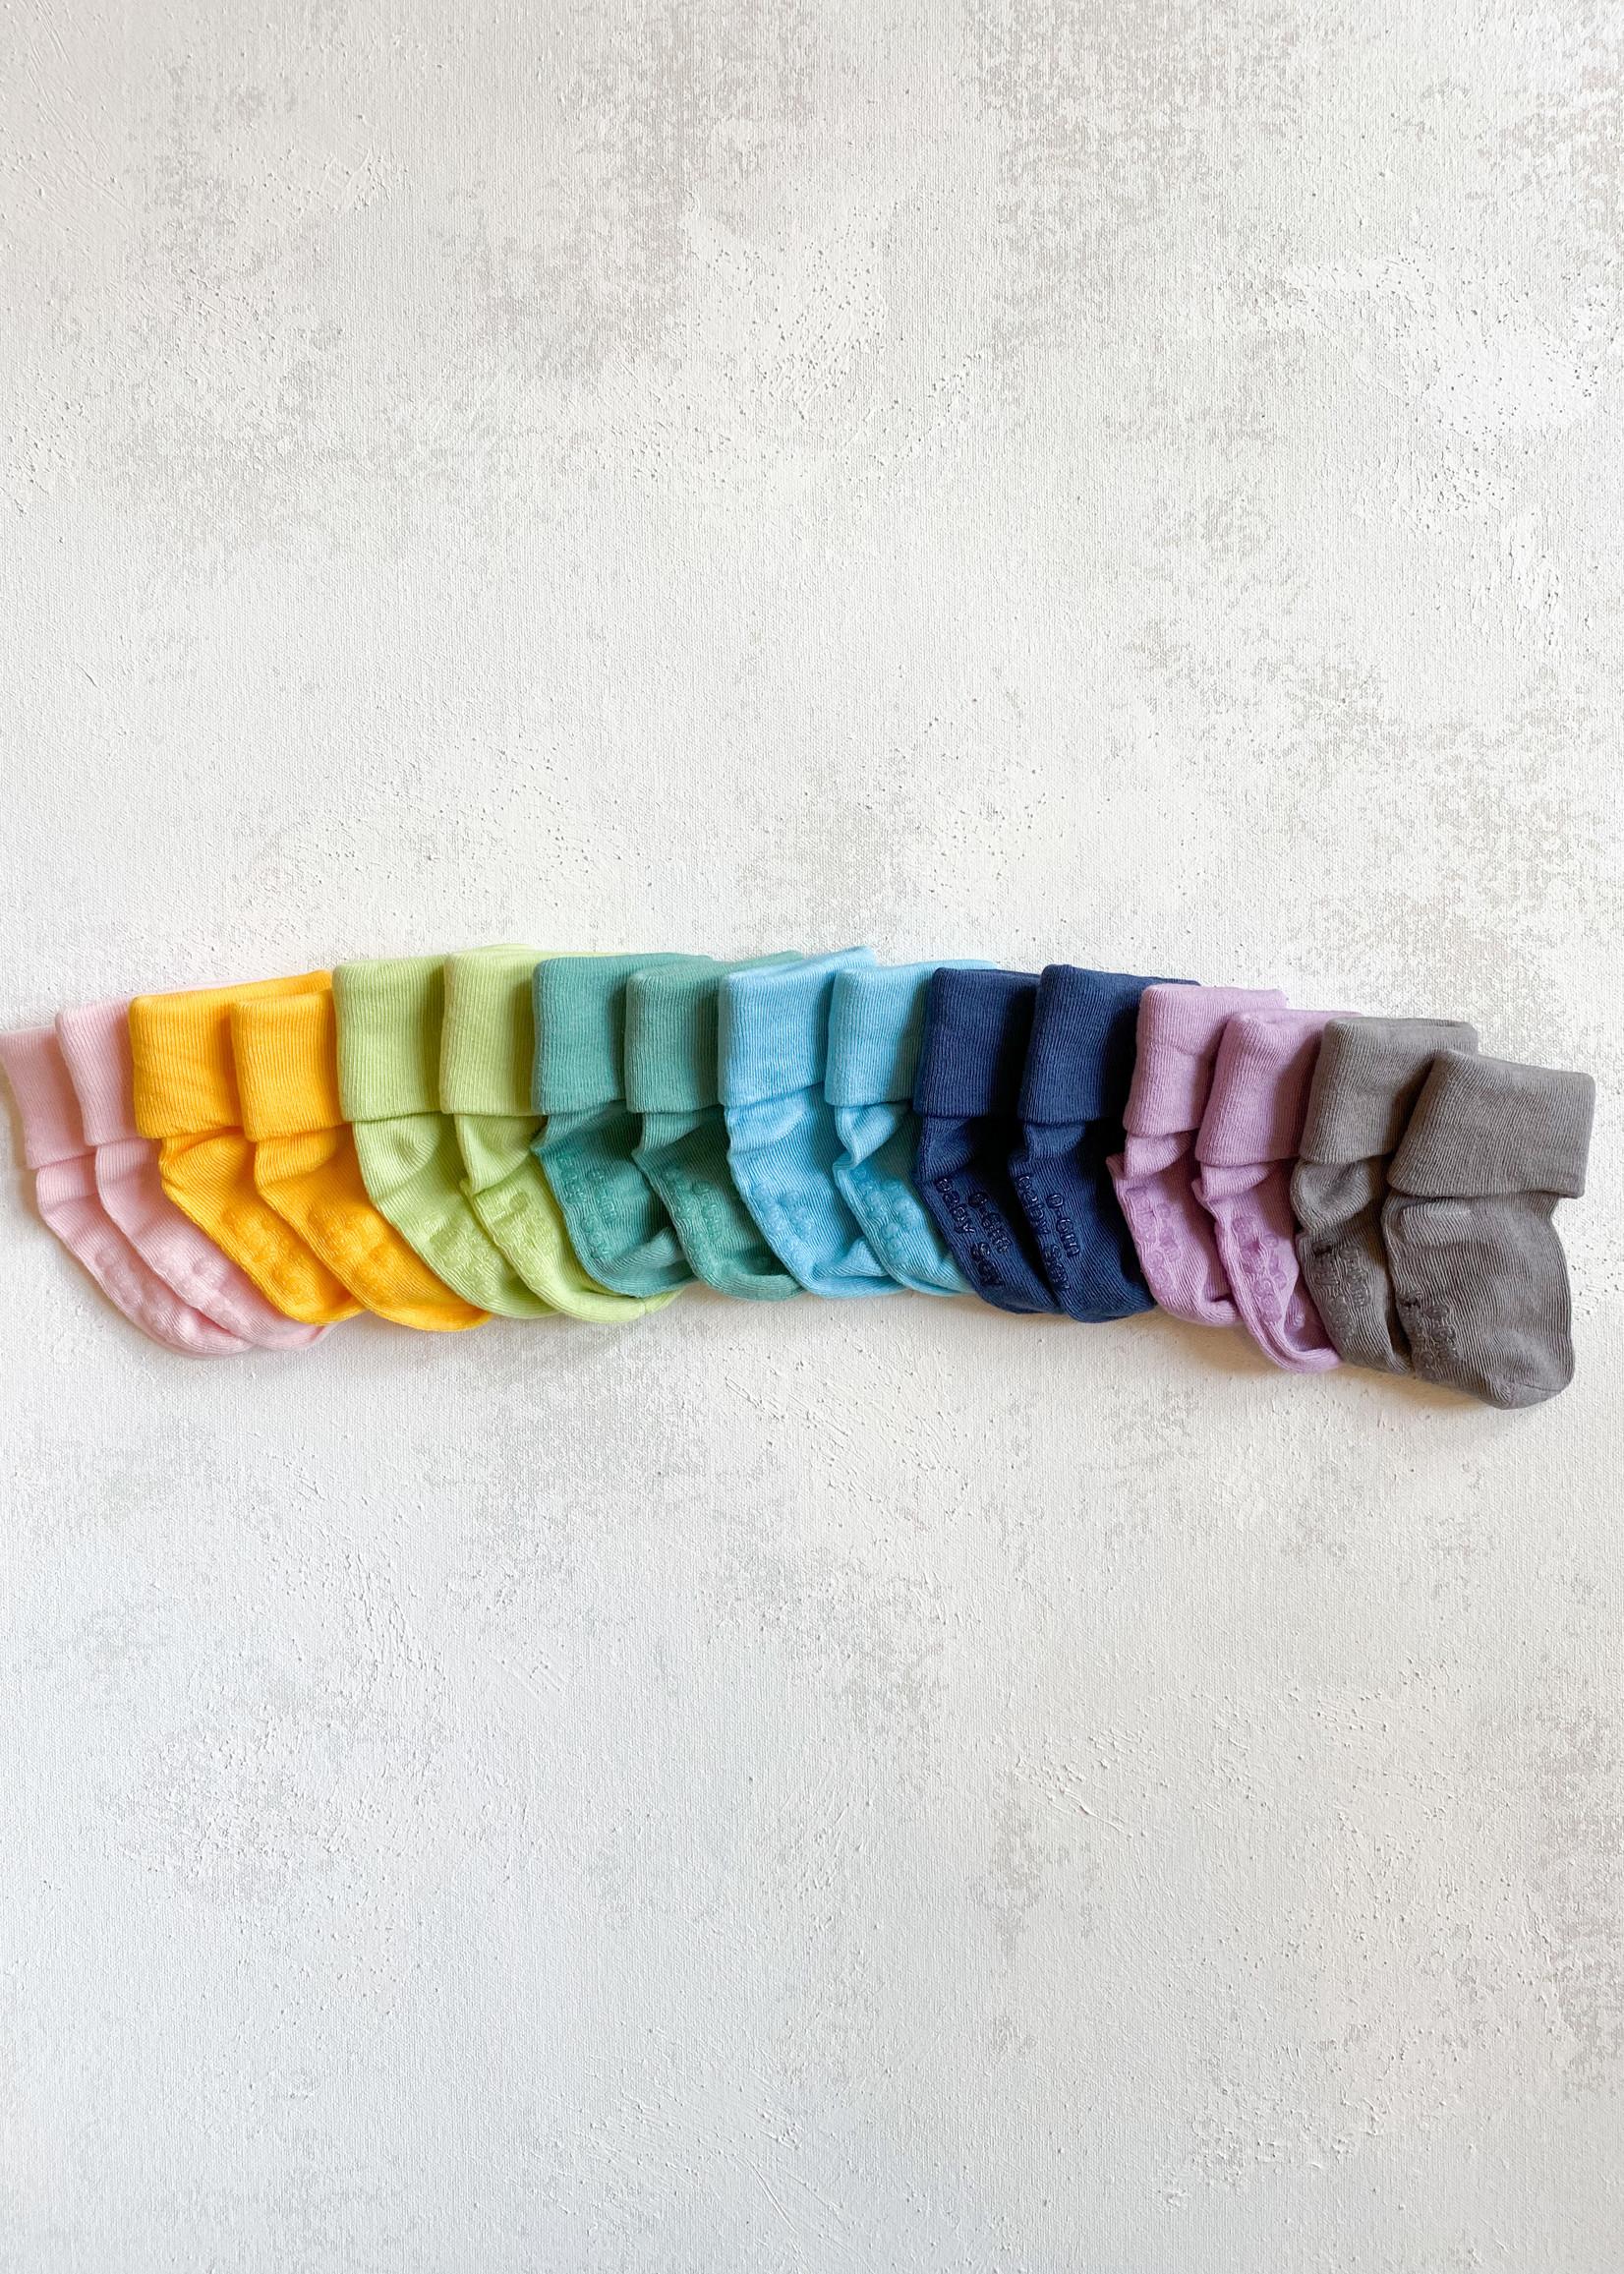 Elitaire Petite Modern Socks in Thunder